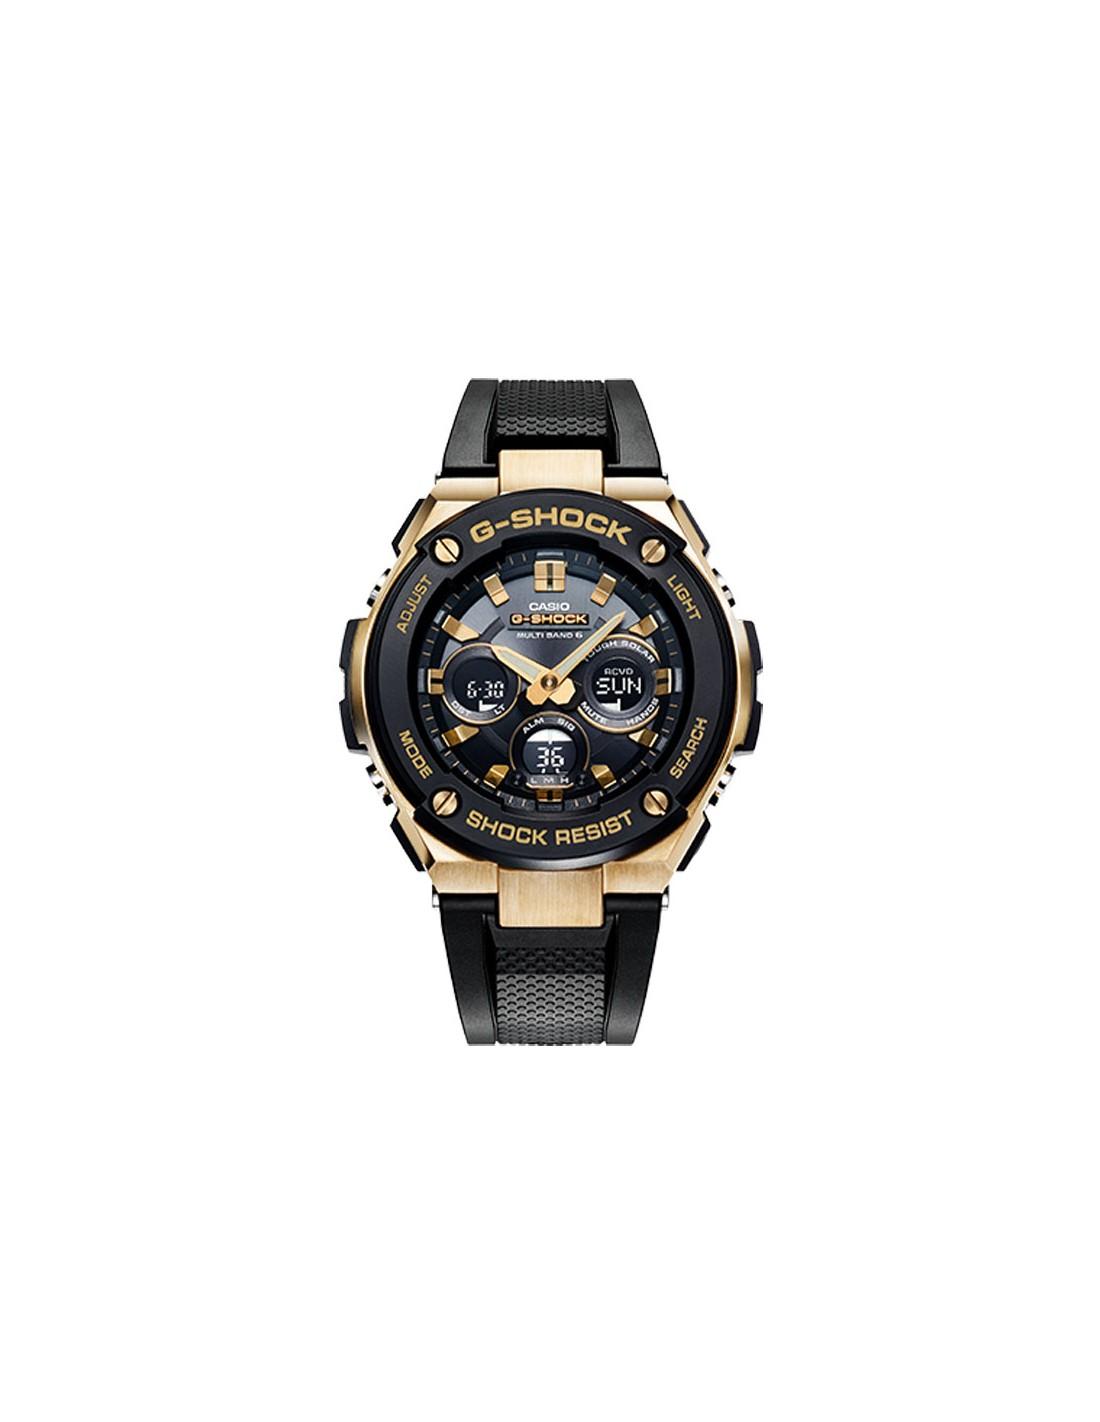 eb6e3504516 Tag  Relogio Casio G Shock Wr20Bar Preço